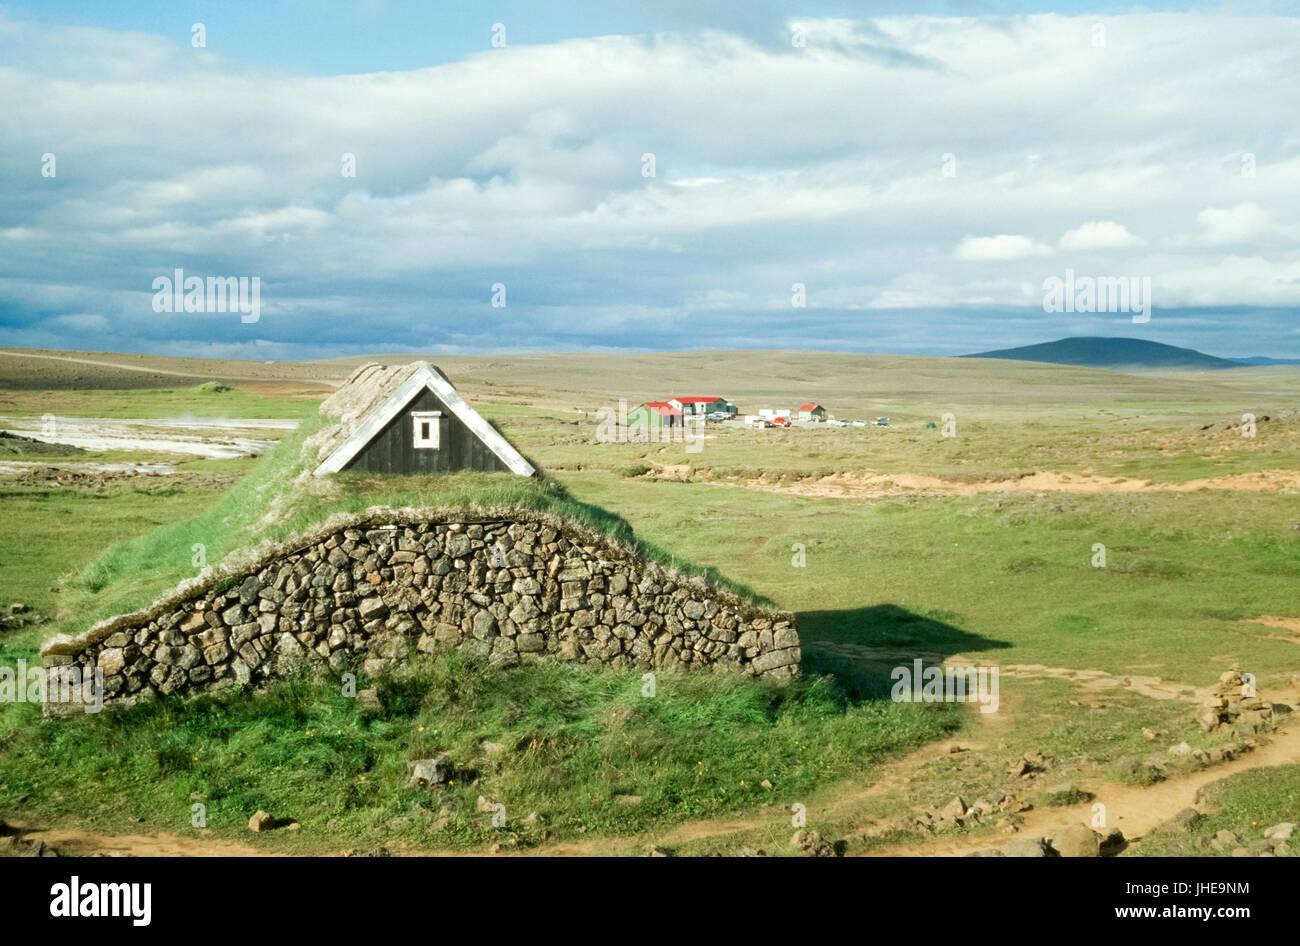 Maison viking traditionnel avec toit couvert d'herbe, de l'Islande Photo Stock